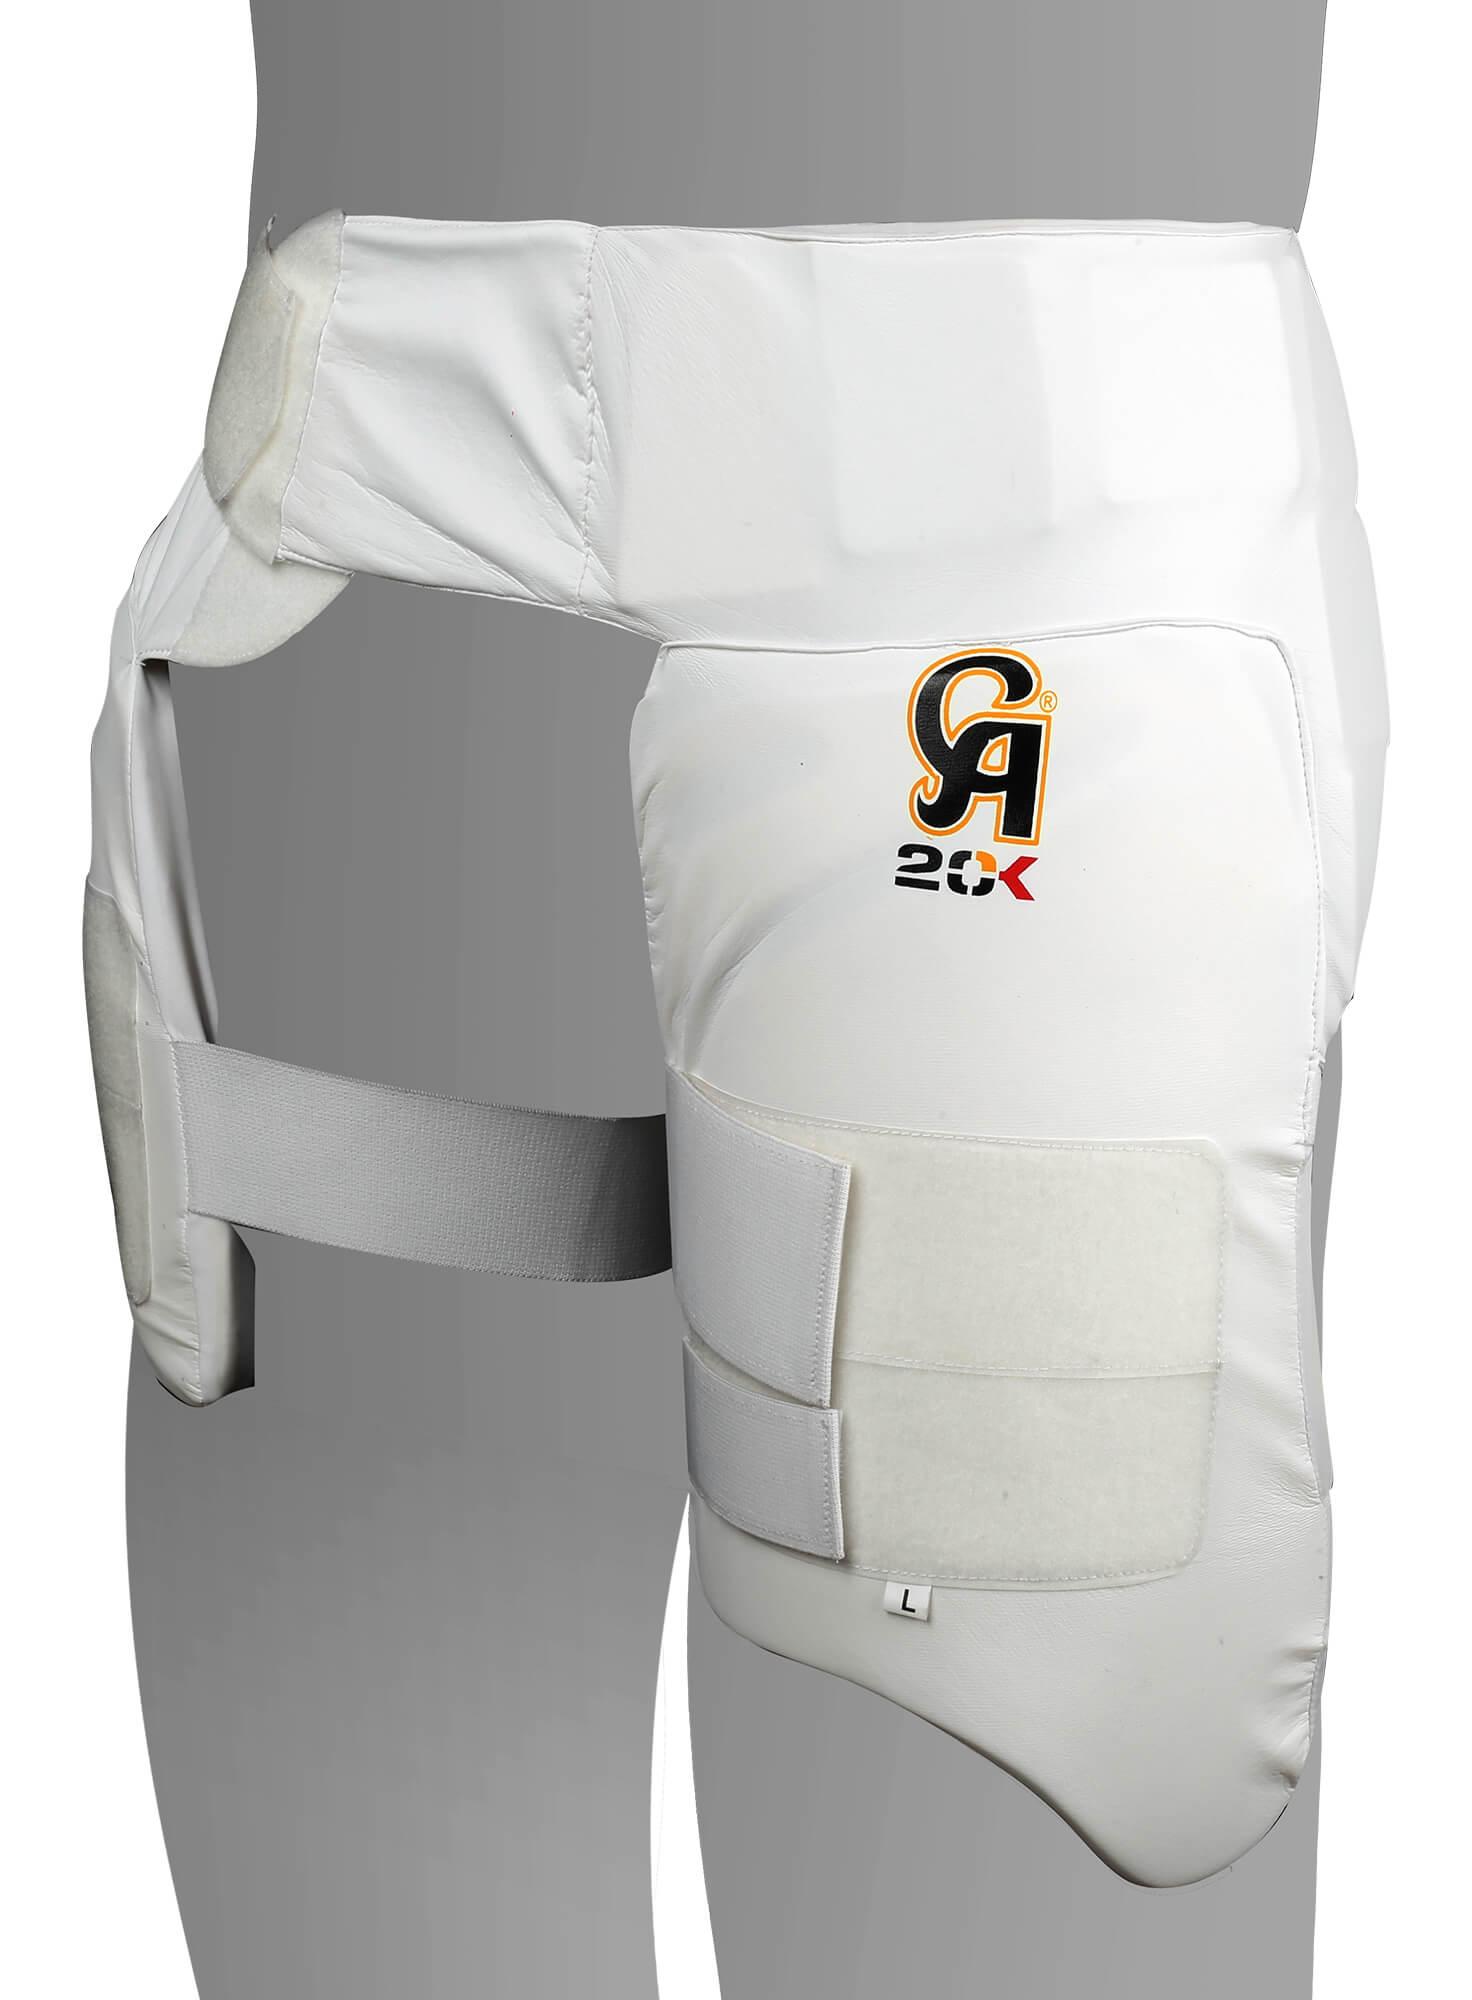 thigh guard